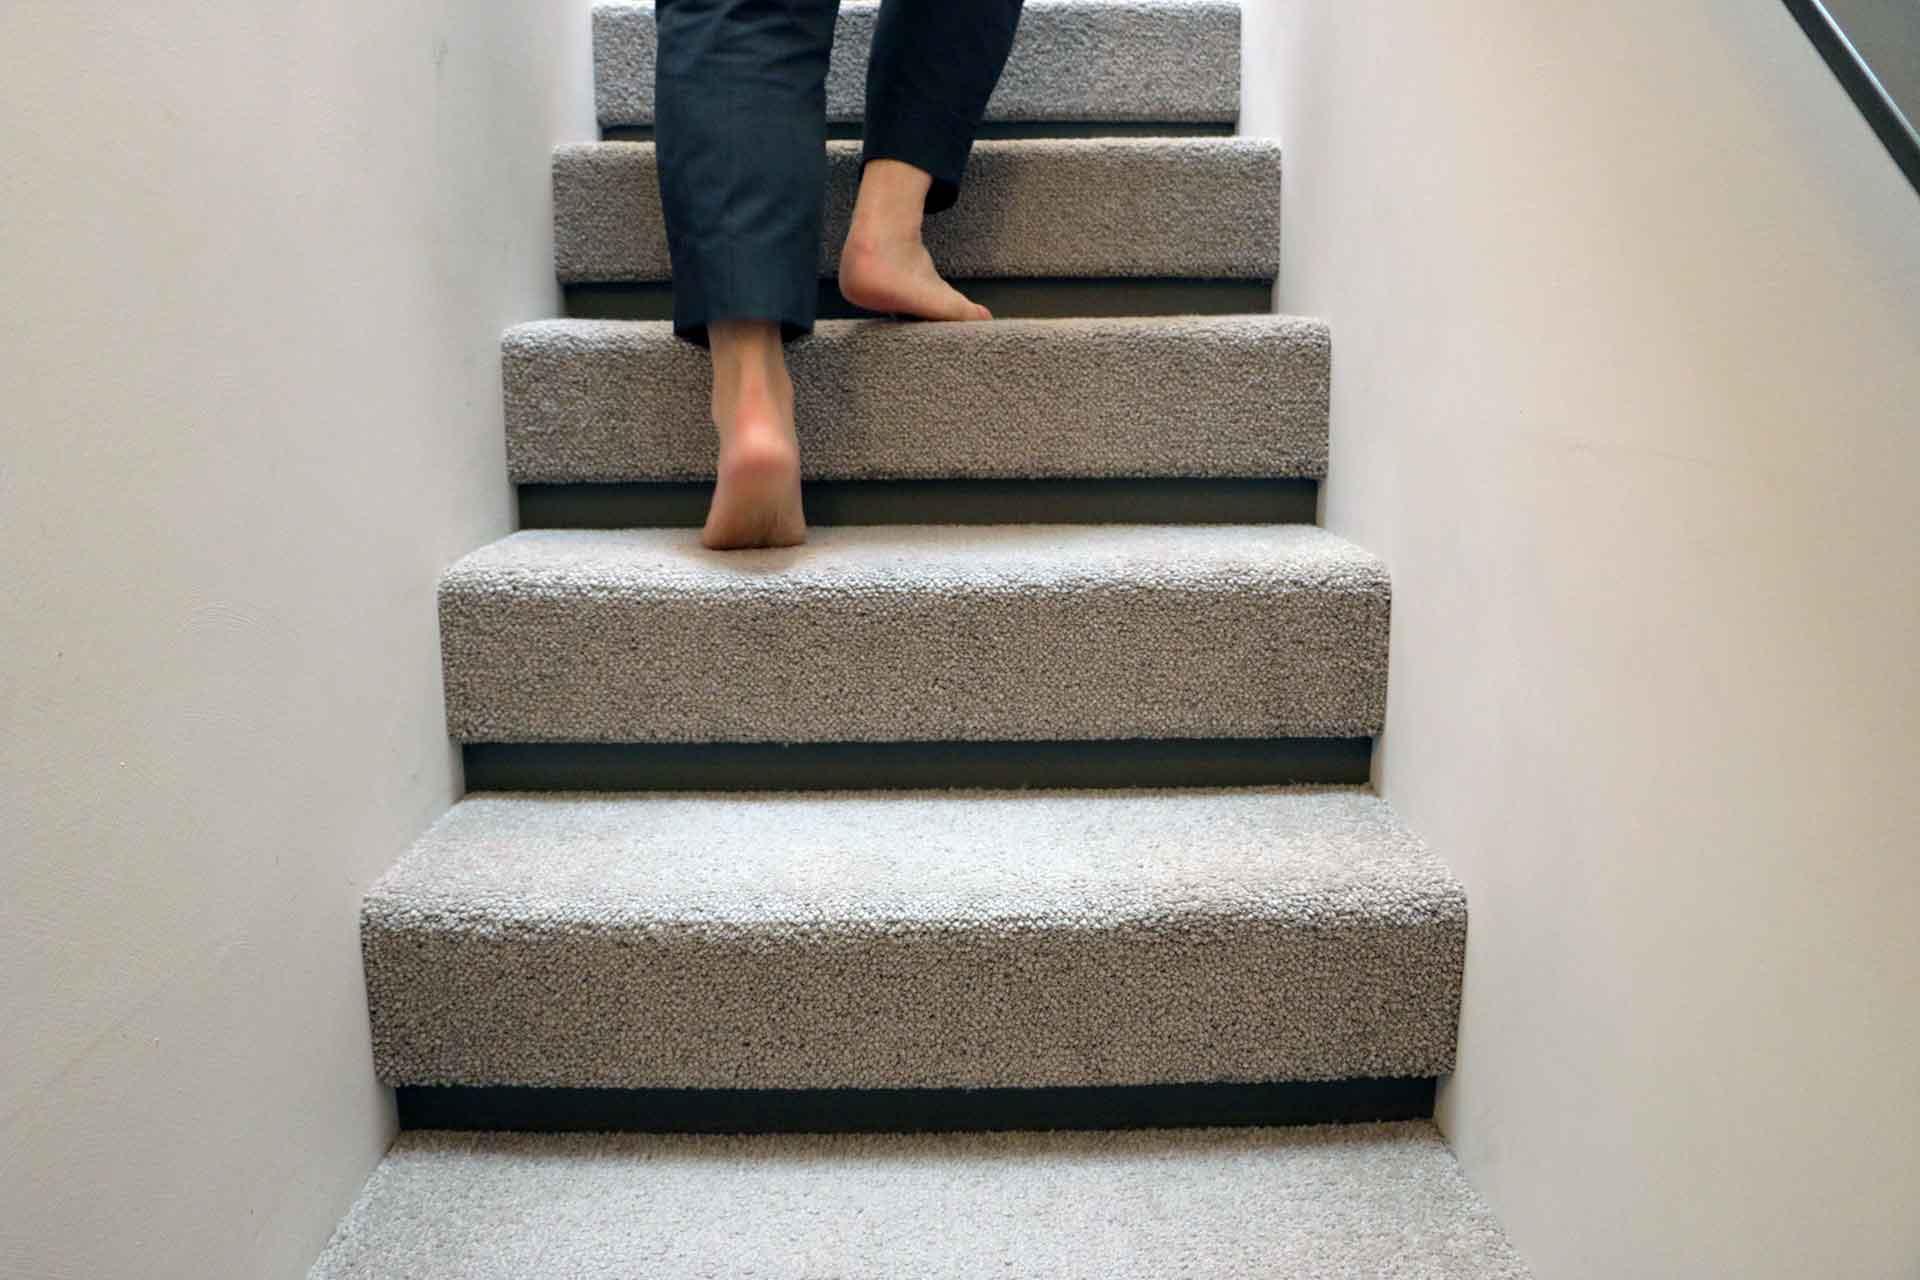 階段ももちろんカーペット敷き。見た目にもきれいなようにと、段の部分までカーペットでくるんである